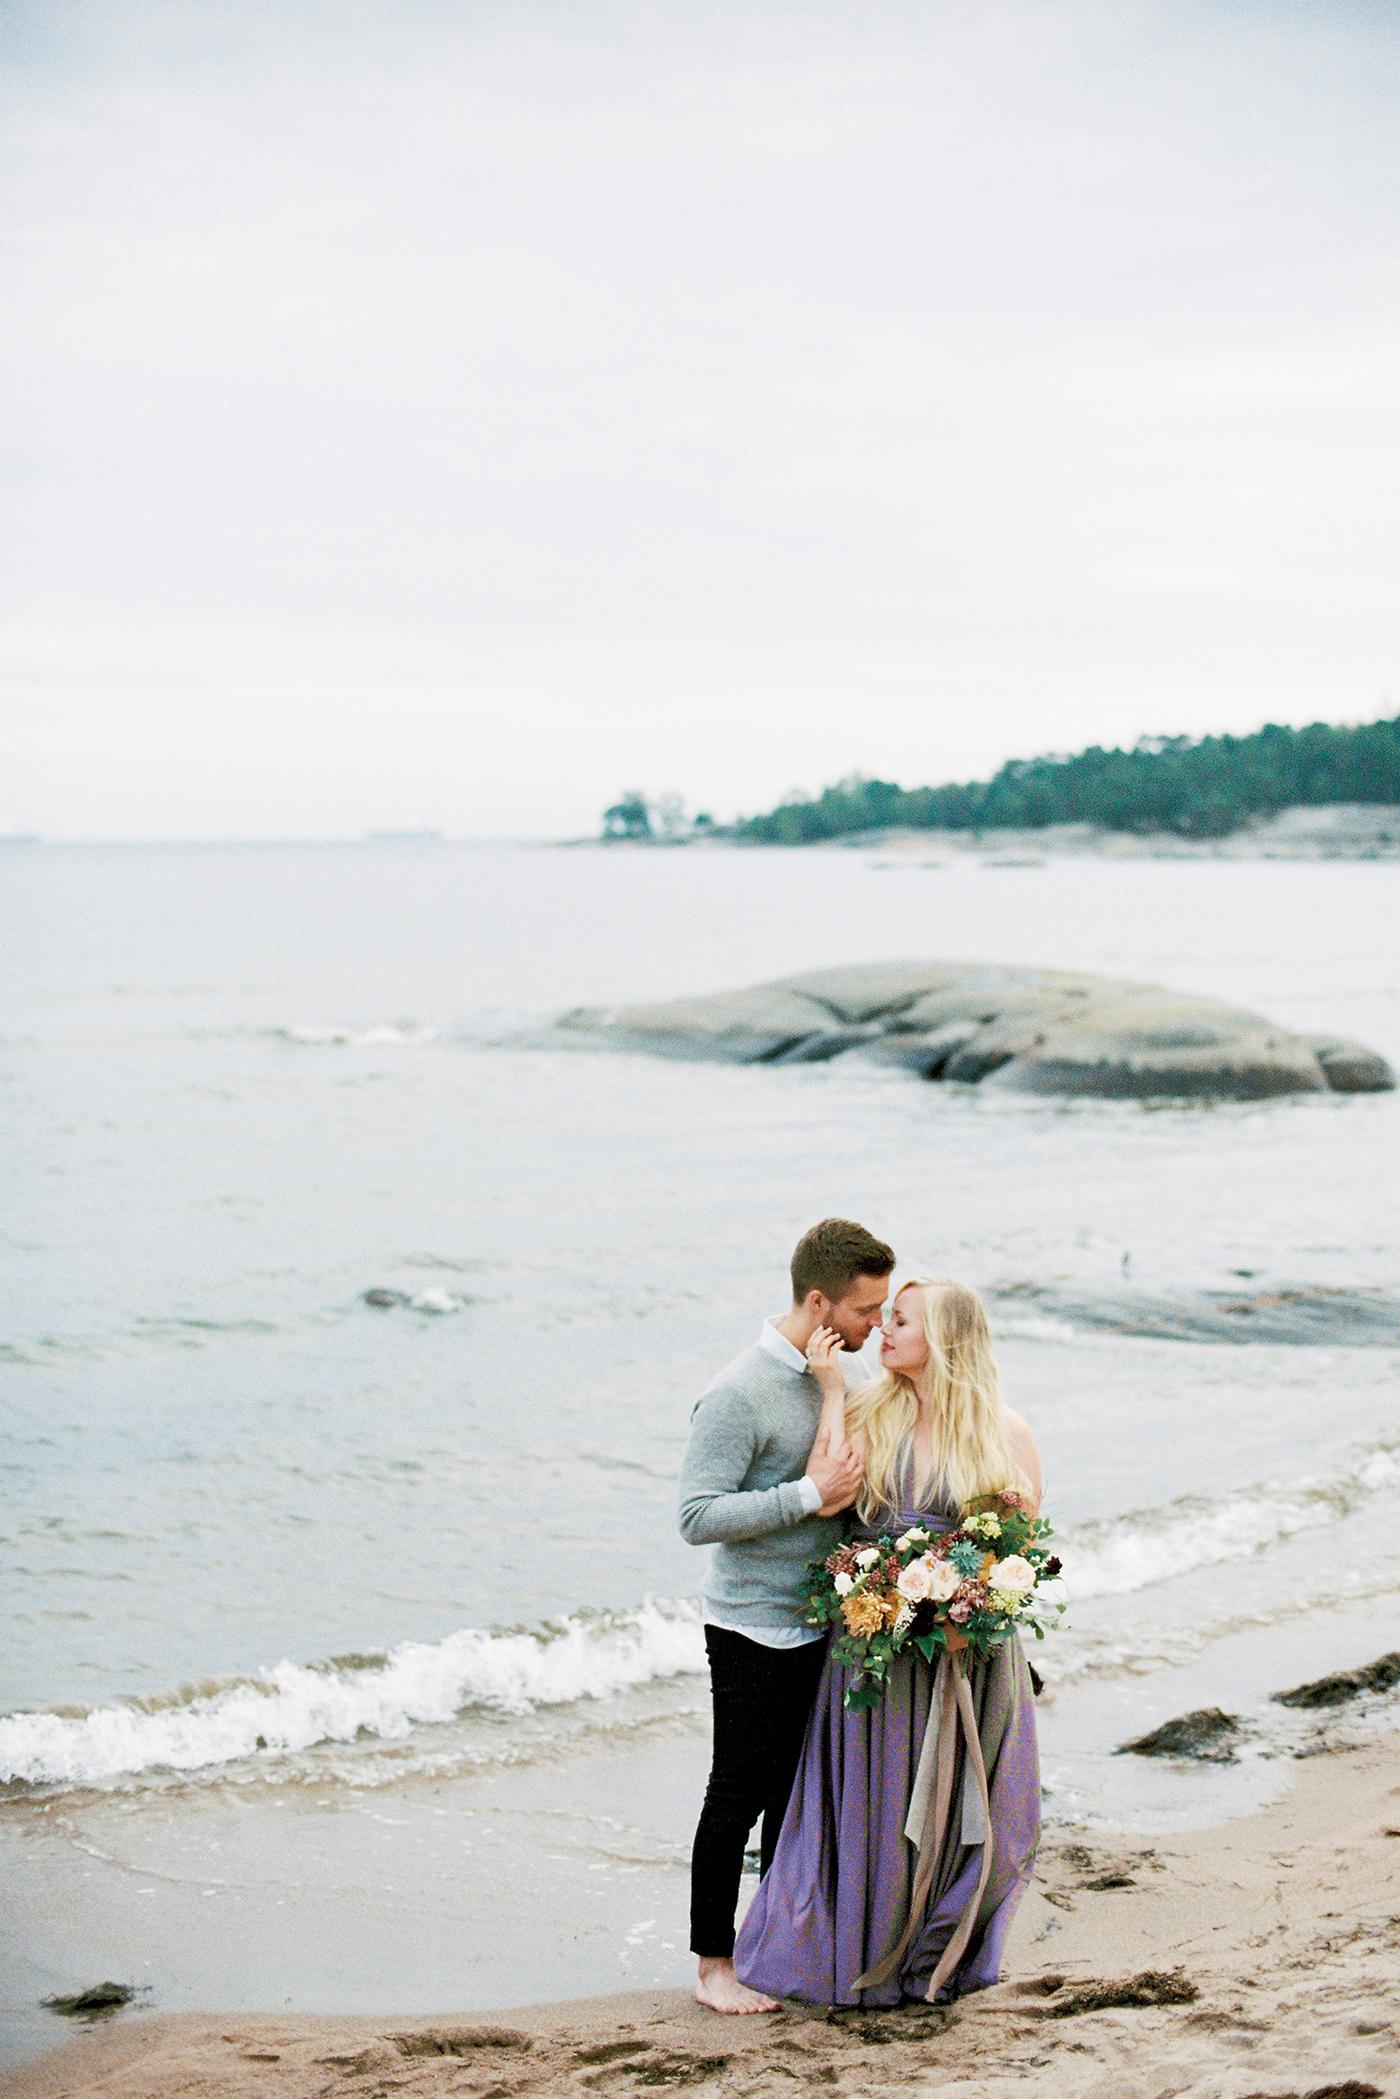 Sari & Mikko - Beach Engagement Couple Shoot in Hanko kihlakuvaus parikuvaus - Susanna Nordvall - Hey Look (32).jpg